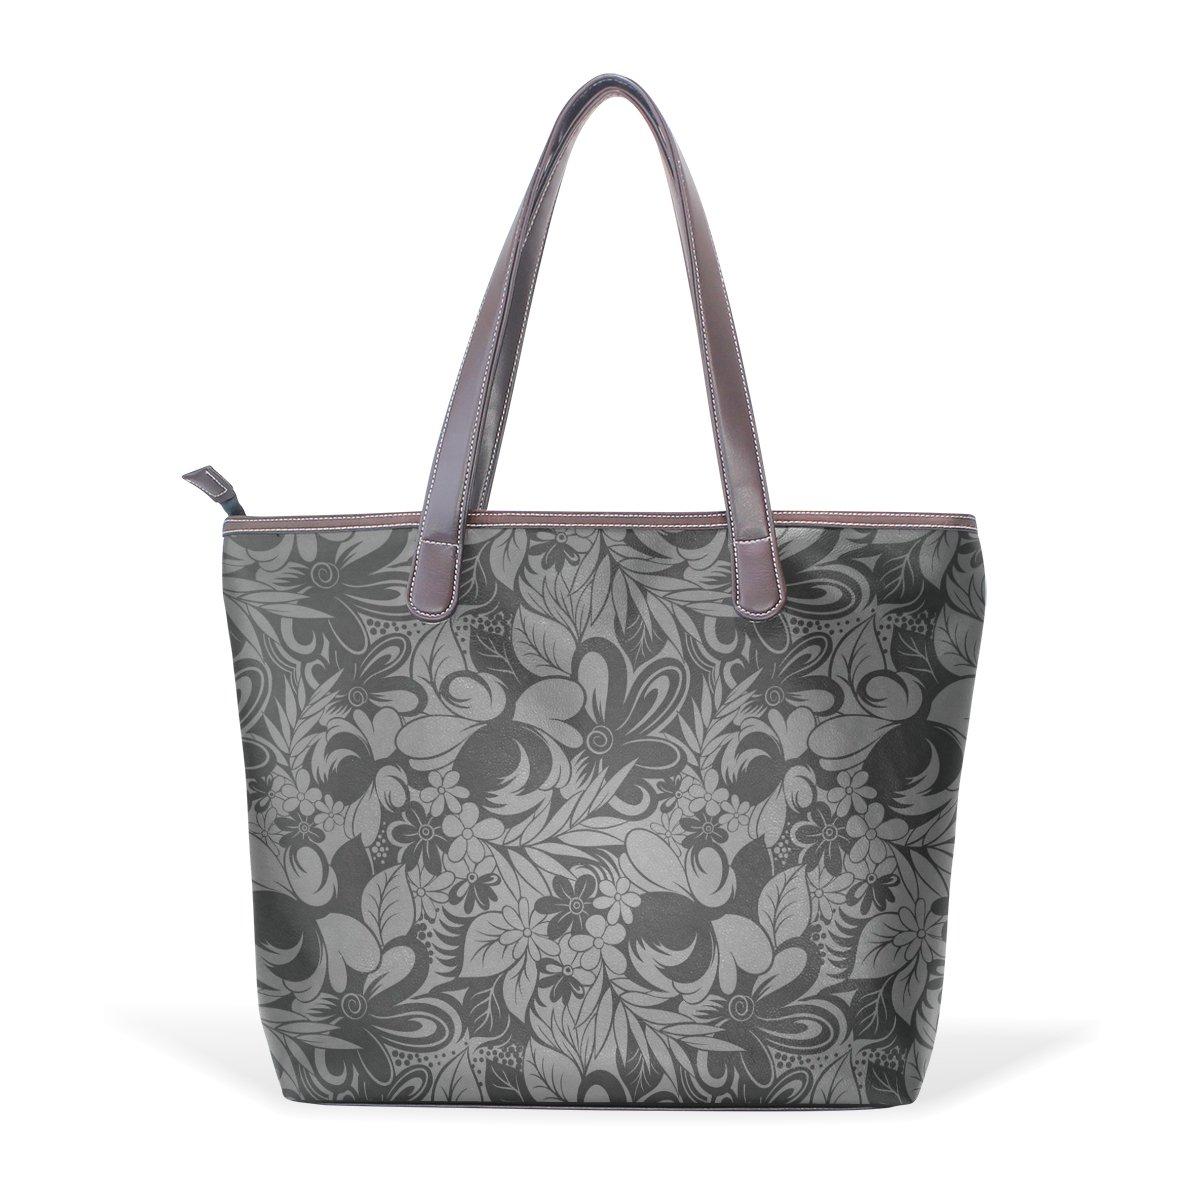 Ye Store Black Ash Floral Lady PU Leather Handbag Tote Bag Shoulder Bag Shopping Bag